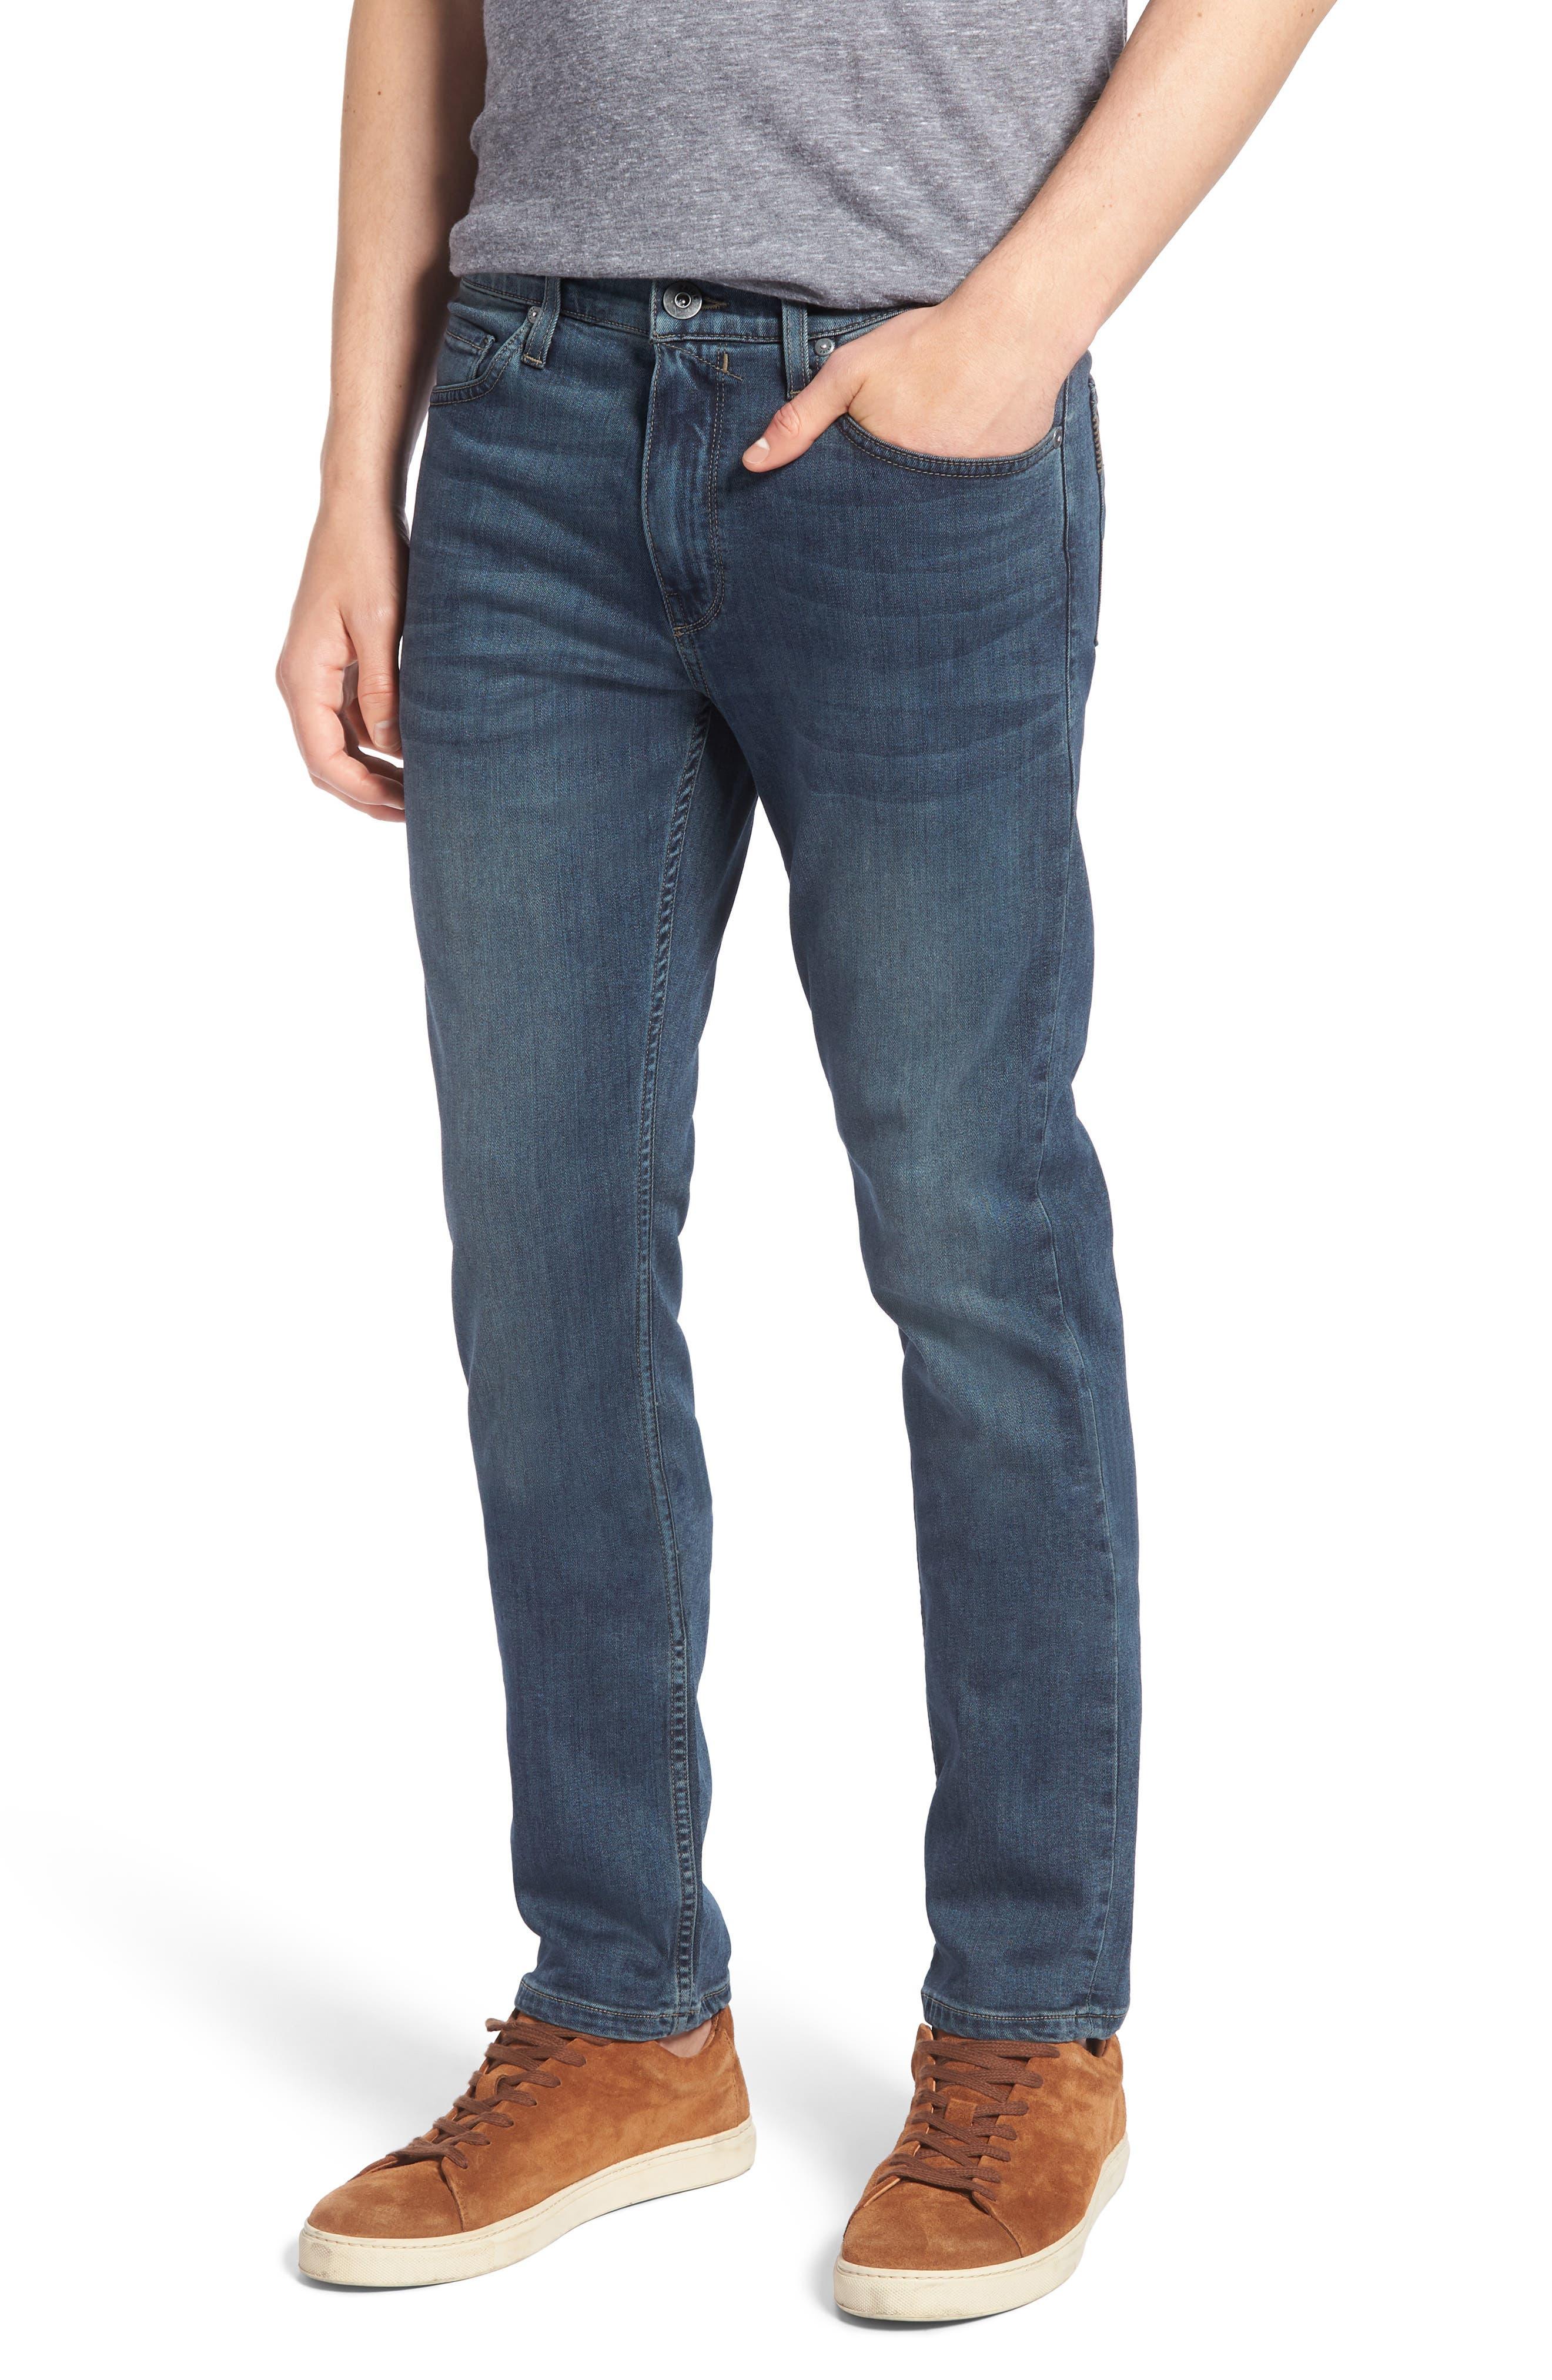 PAIGE Transcend - Lennox Slim Fit Jeans (Daniels)